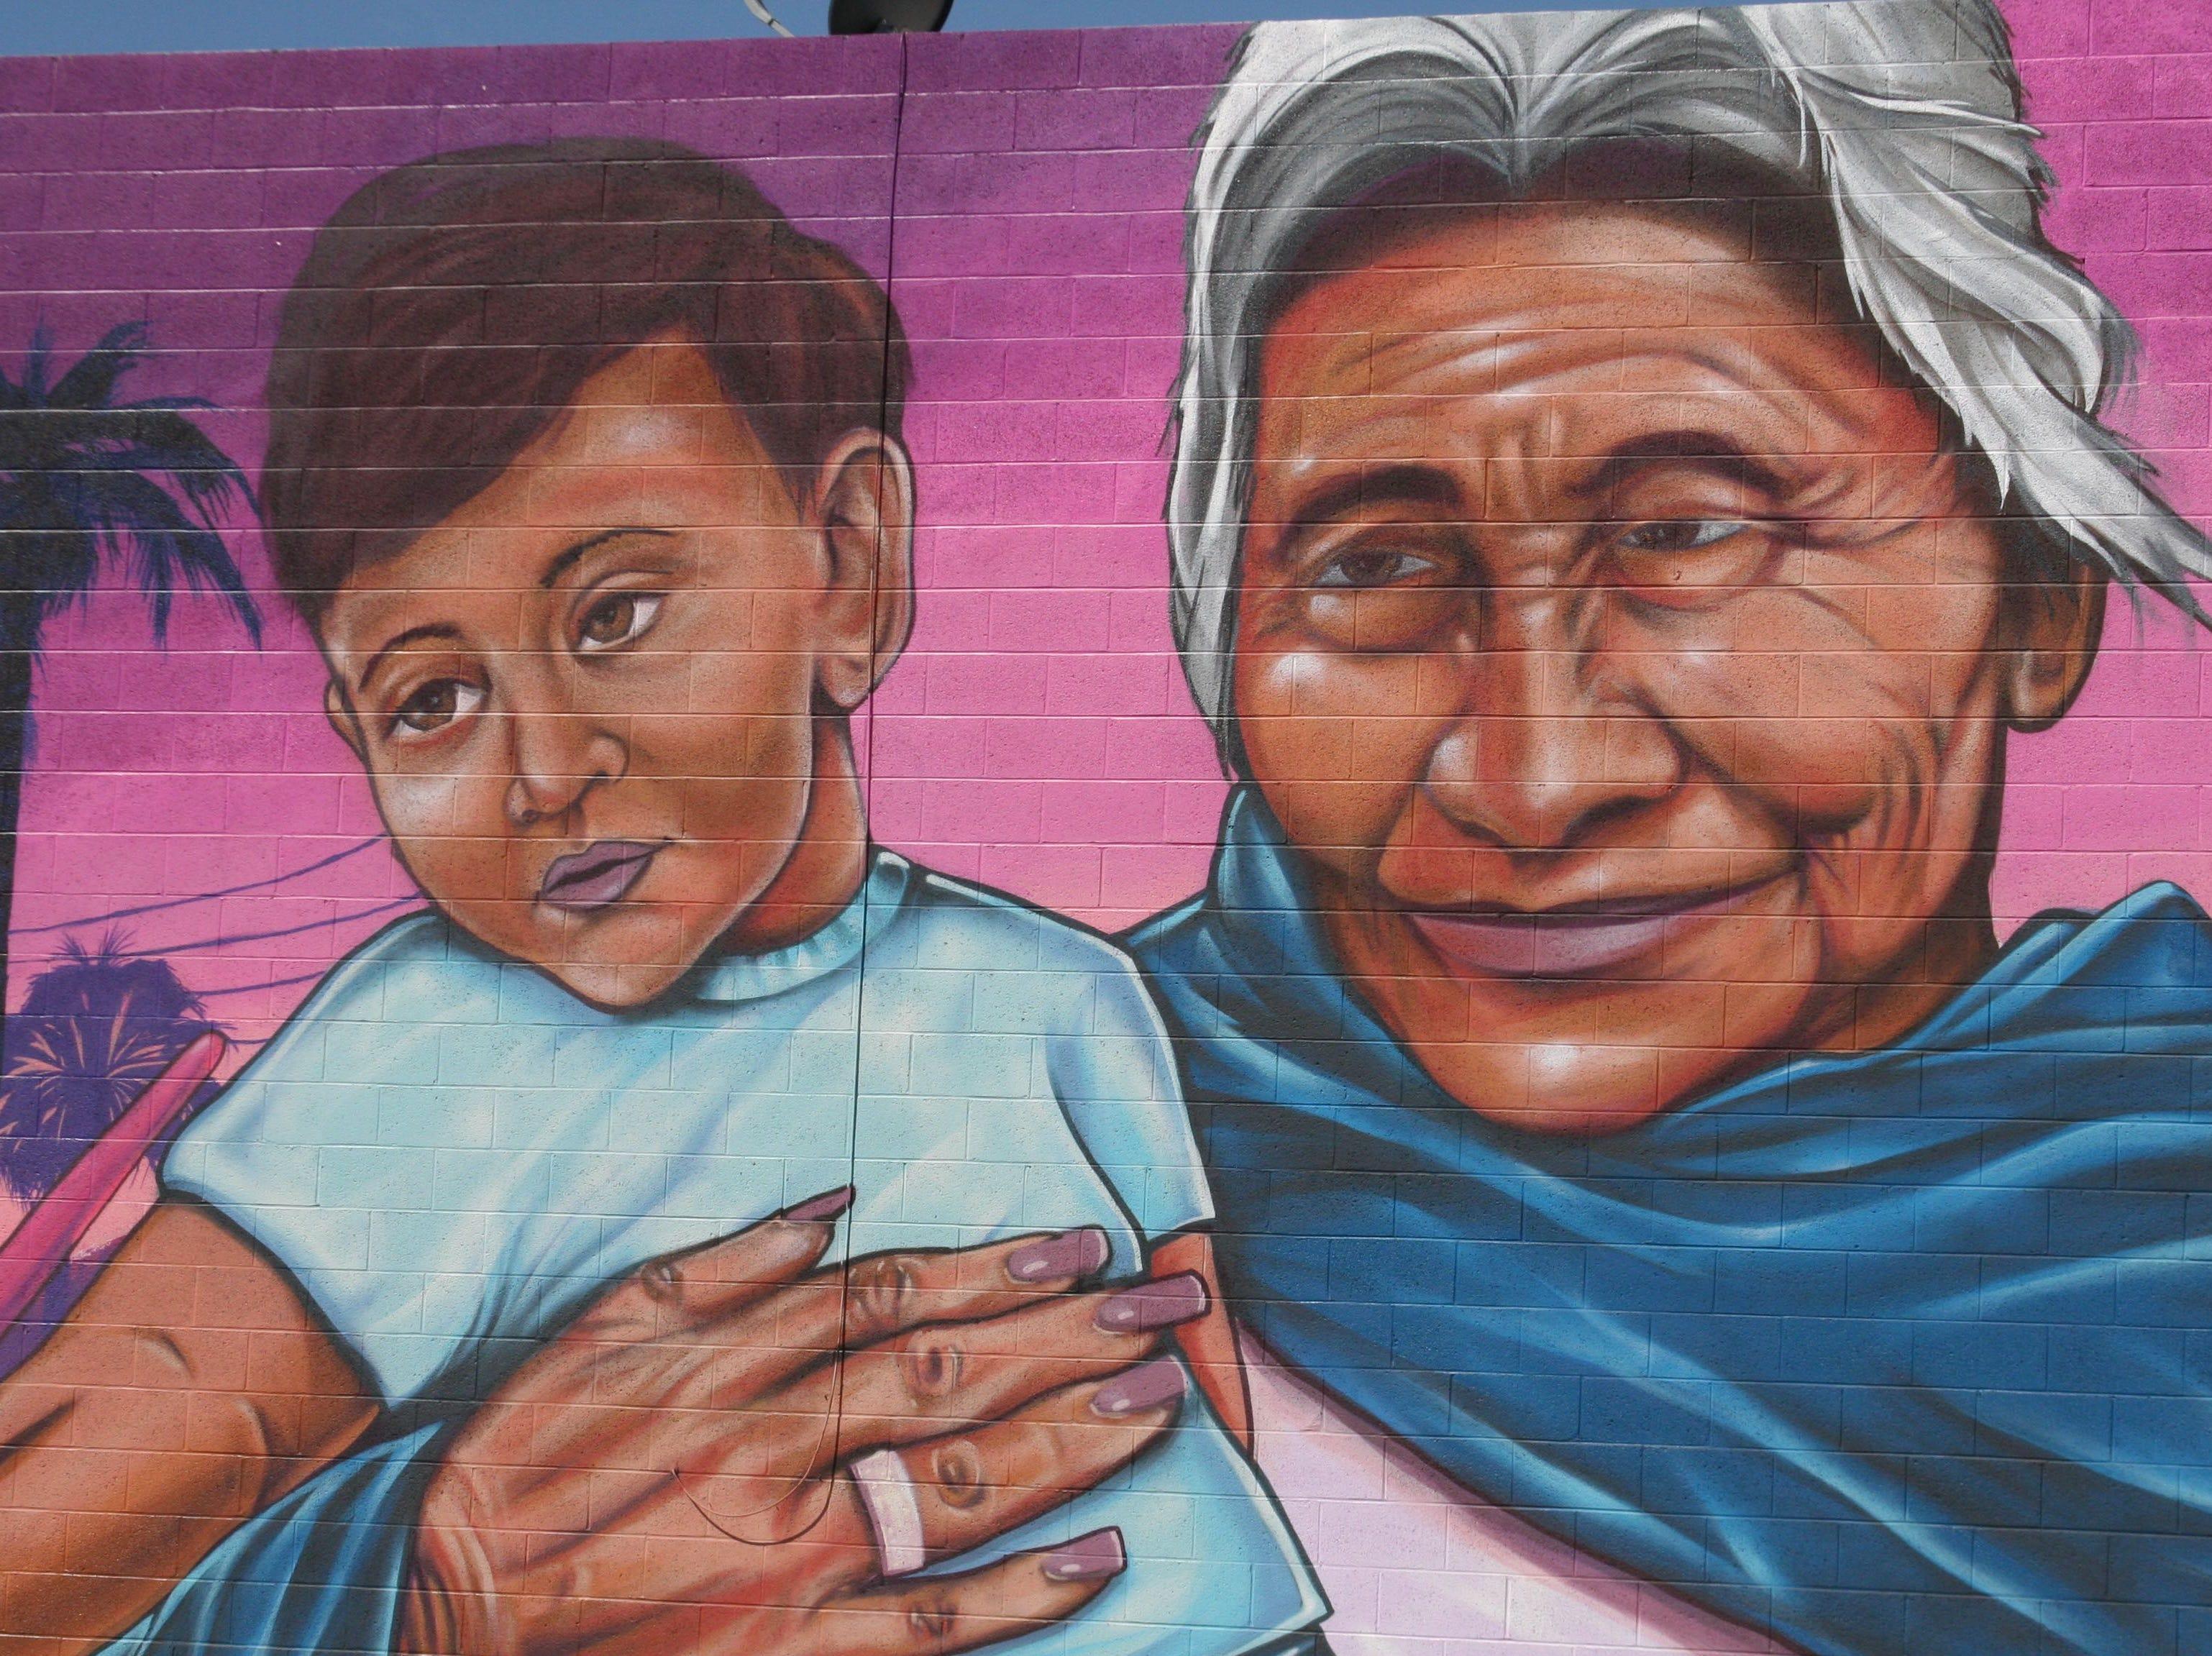 Las abuelas, soporte indiscutible de las familias latinas, quedaron plasmadas en el mural realizado por Isaac Caruso.